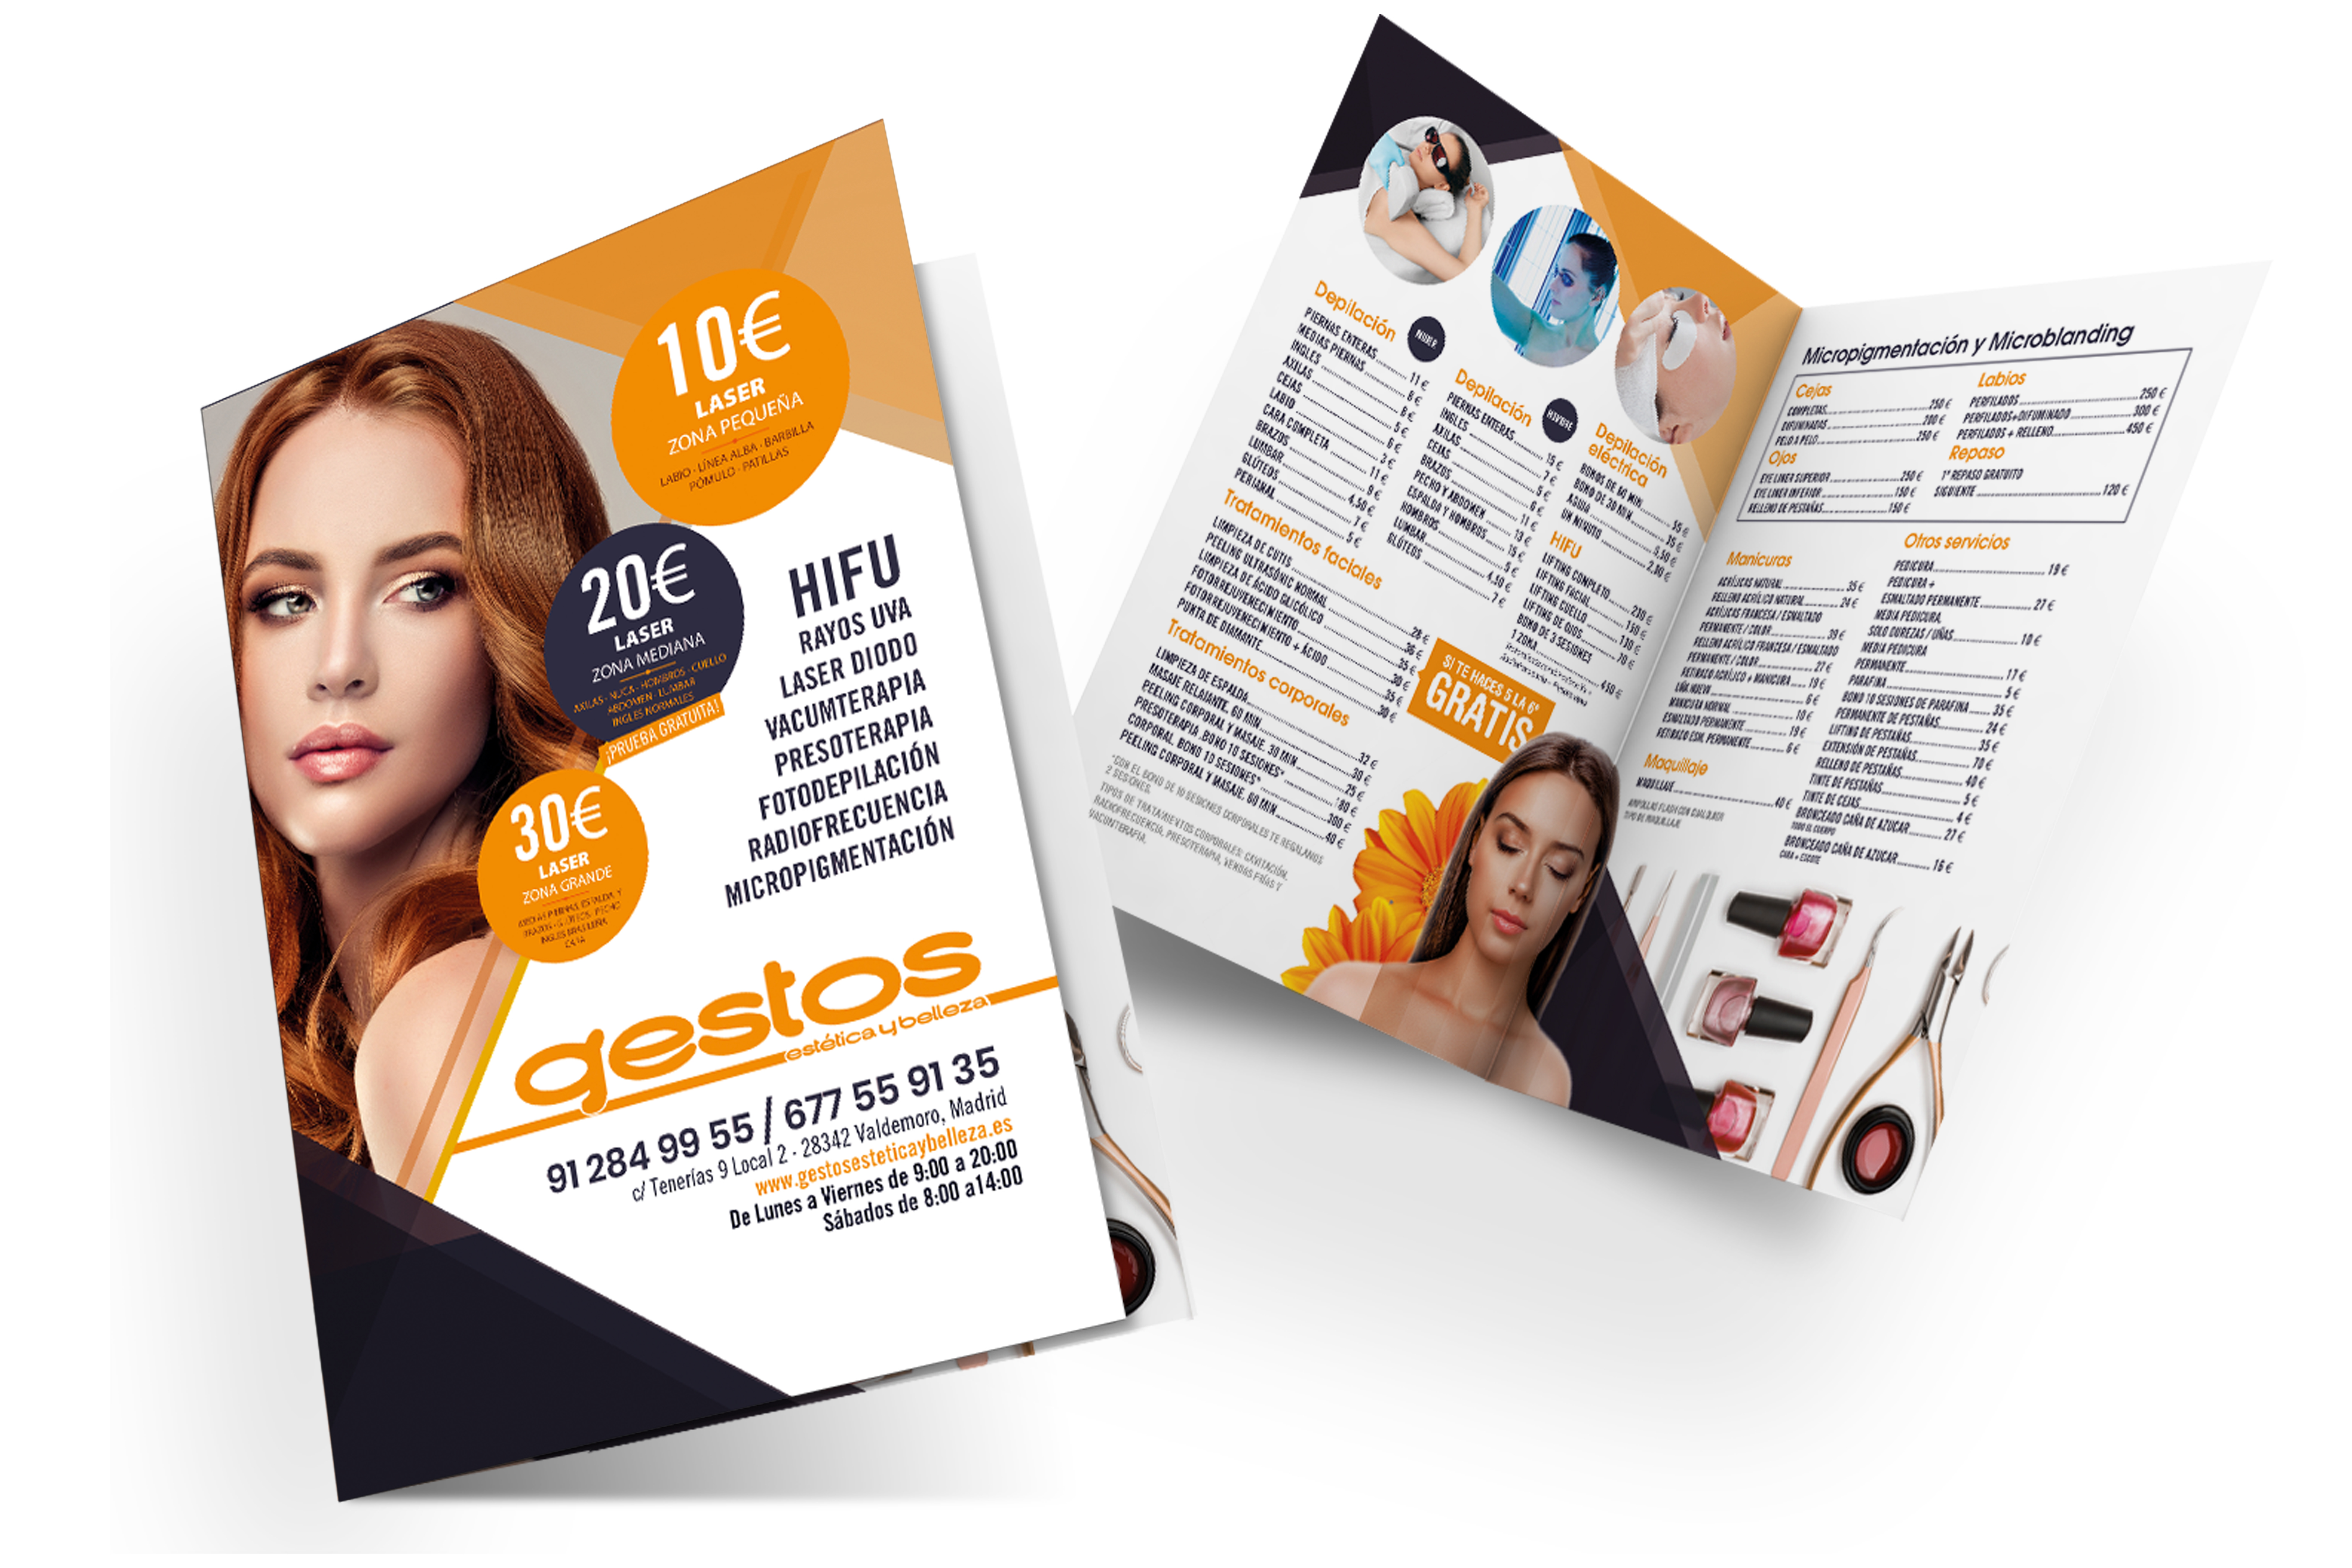 Diseño de dictico para el centro de estética GESTOS en Valdemoro